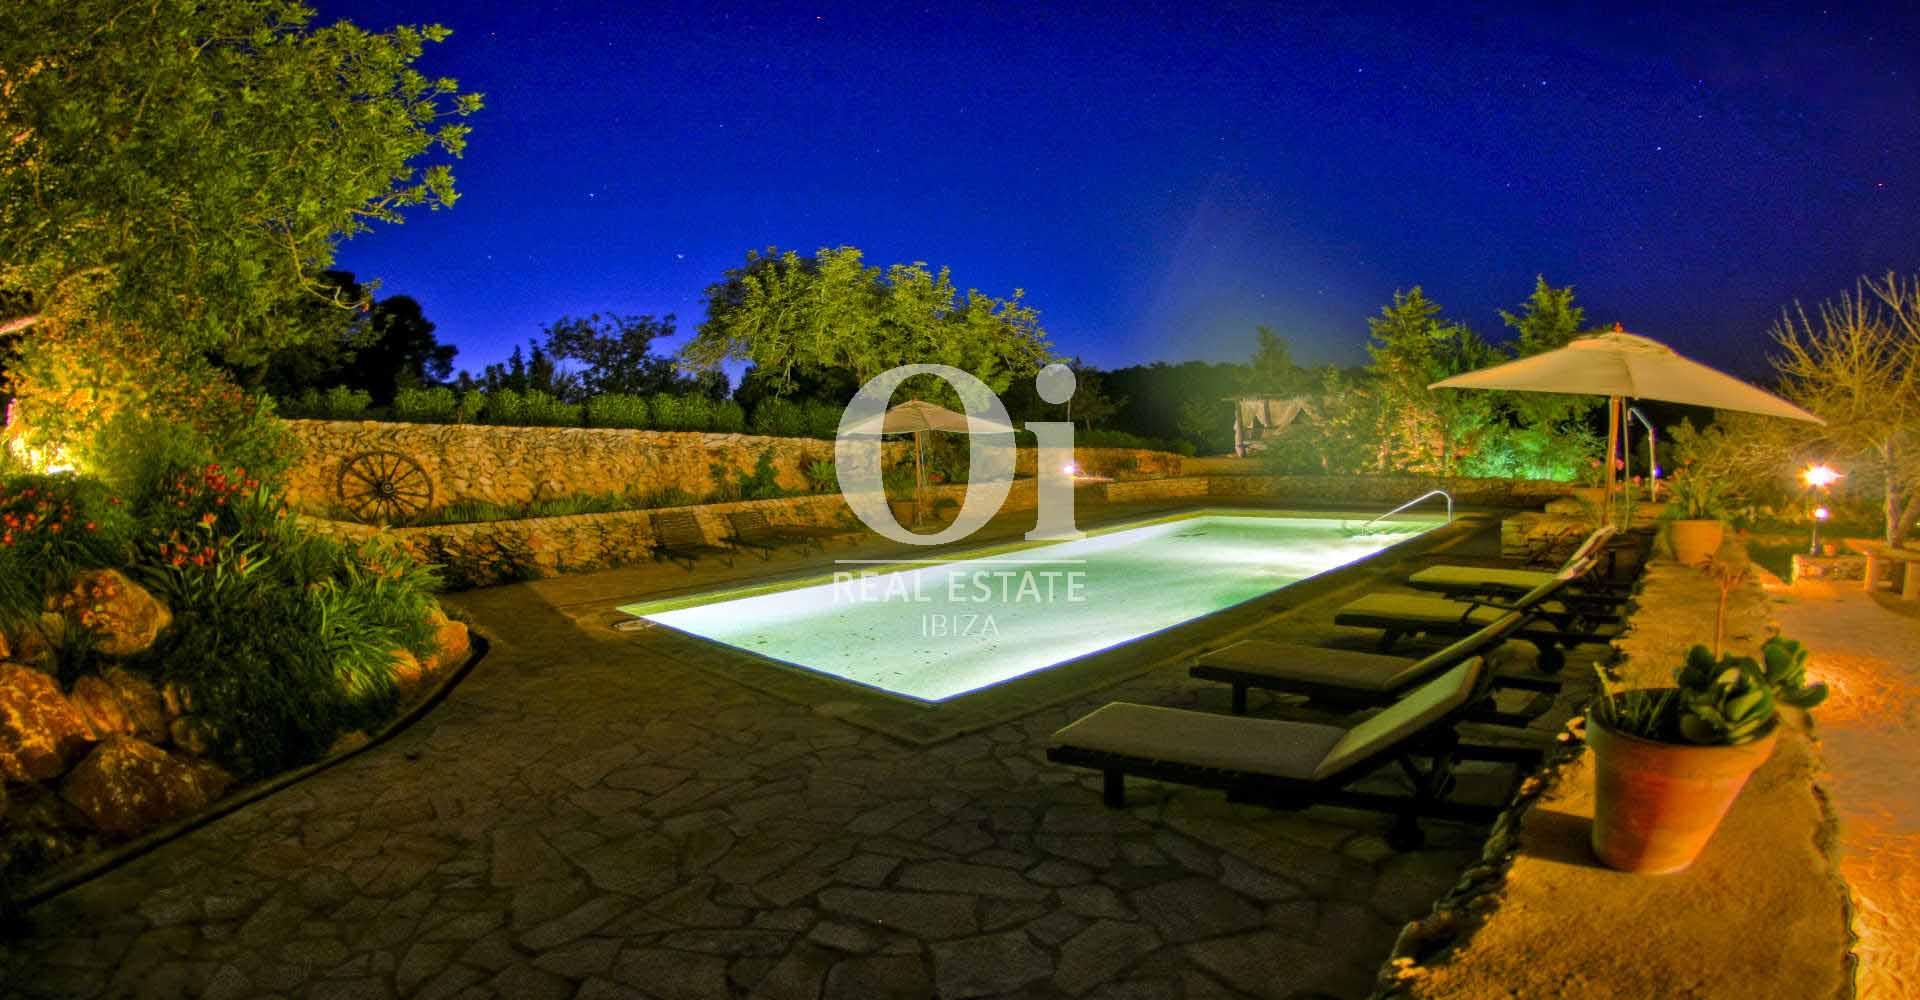 Vistas nocturnas de casa de alquiler de estancia en  San Rafael, Ibiza